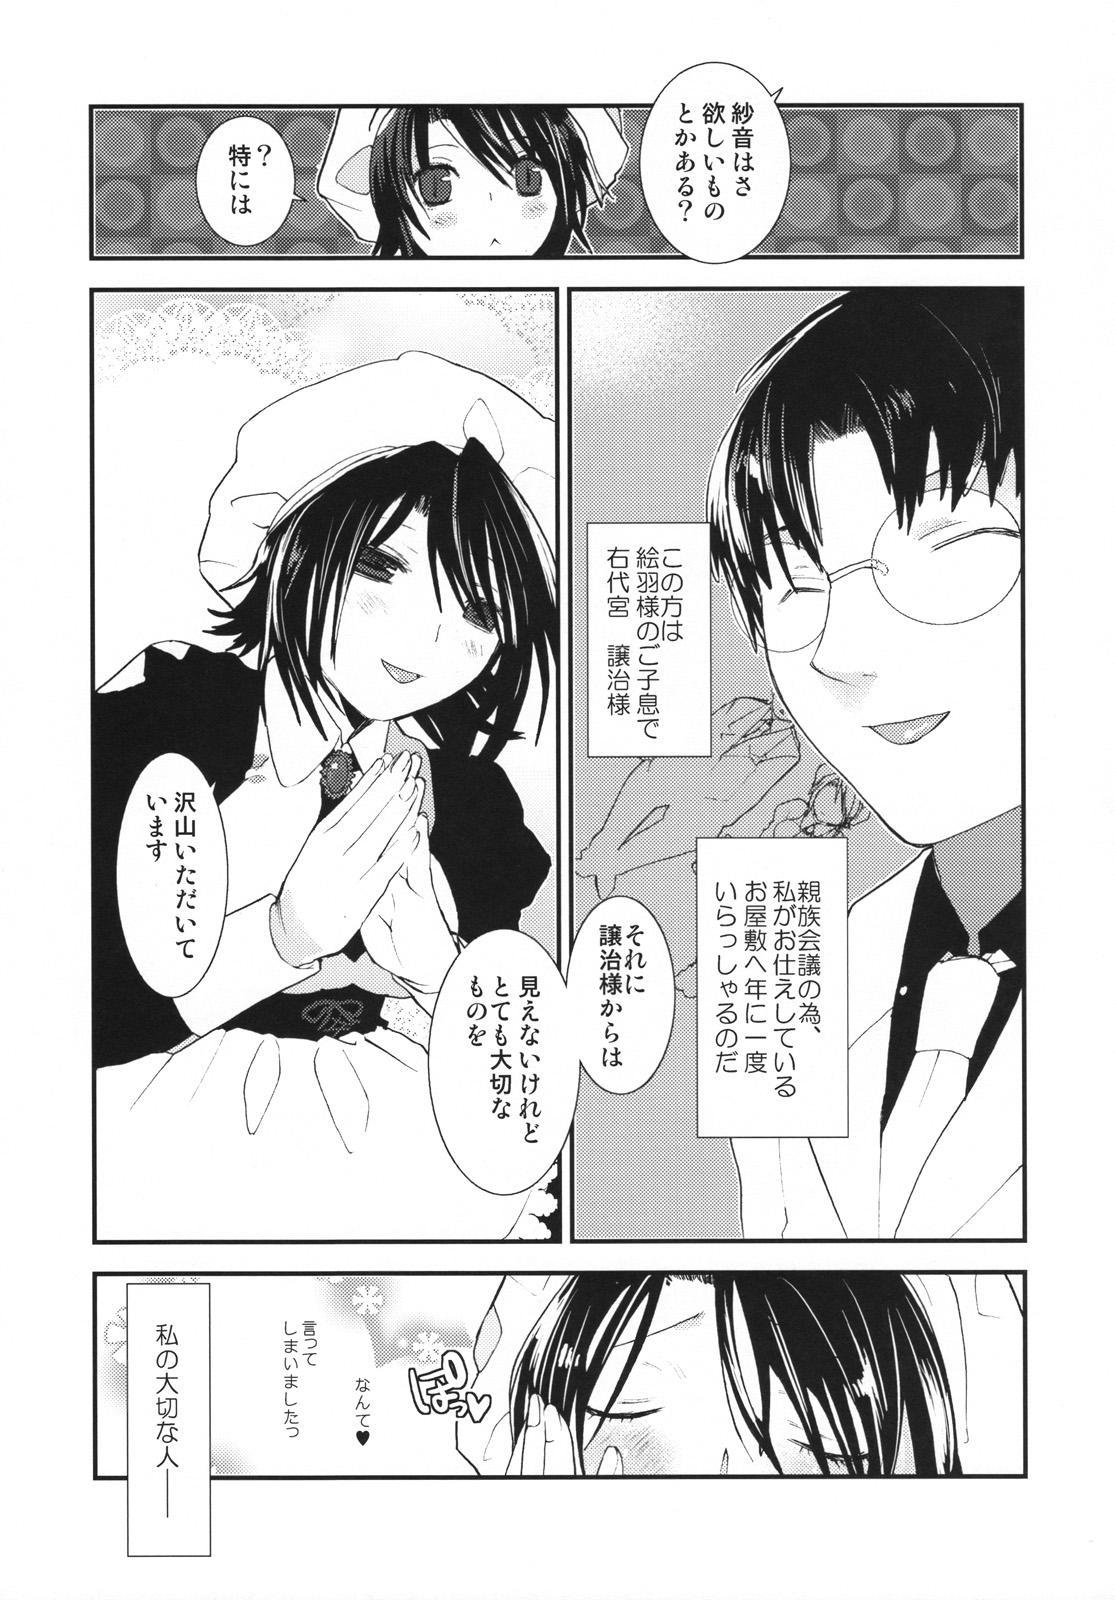 Umineko sono higurashi 3